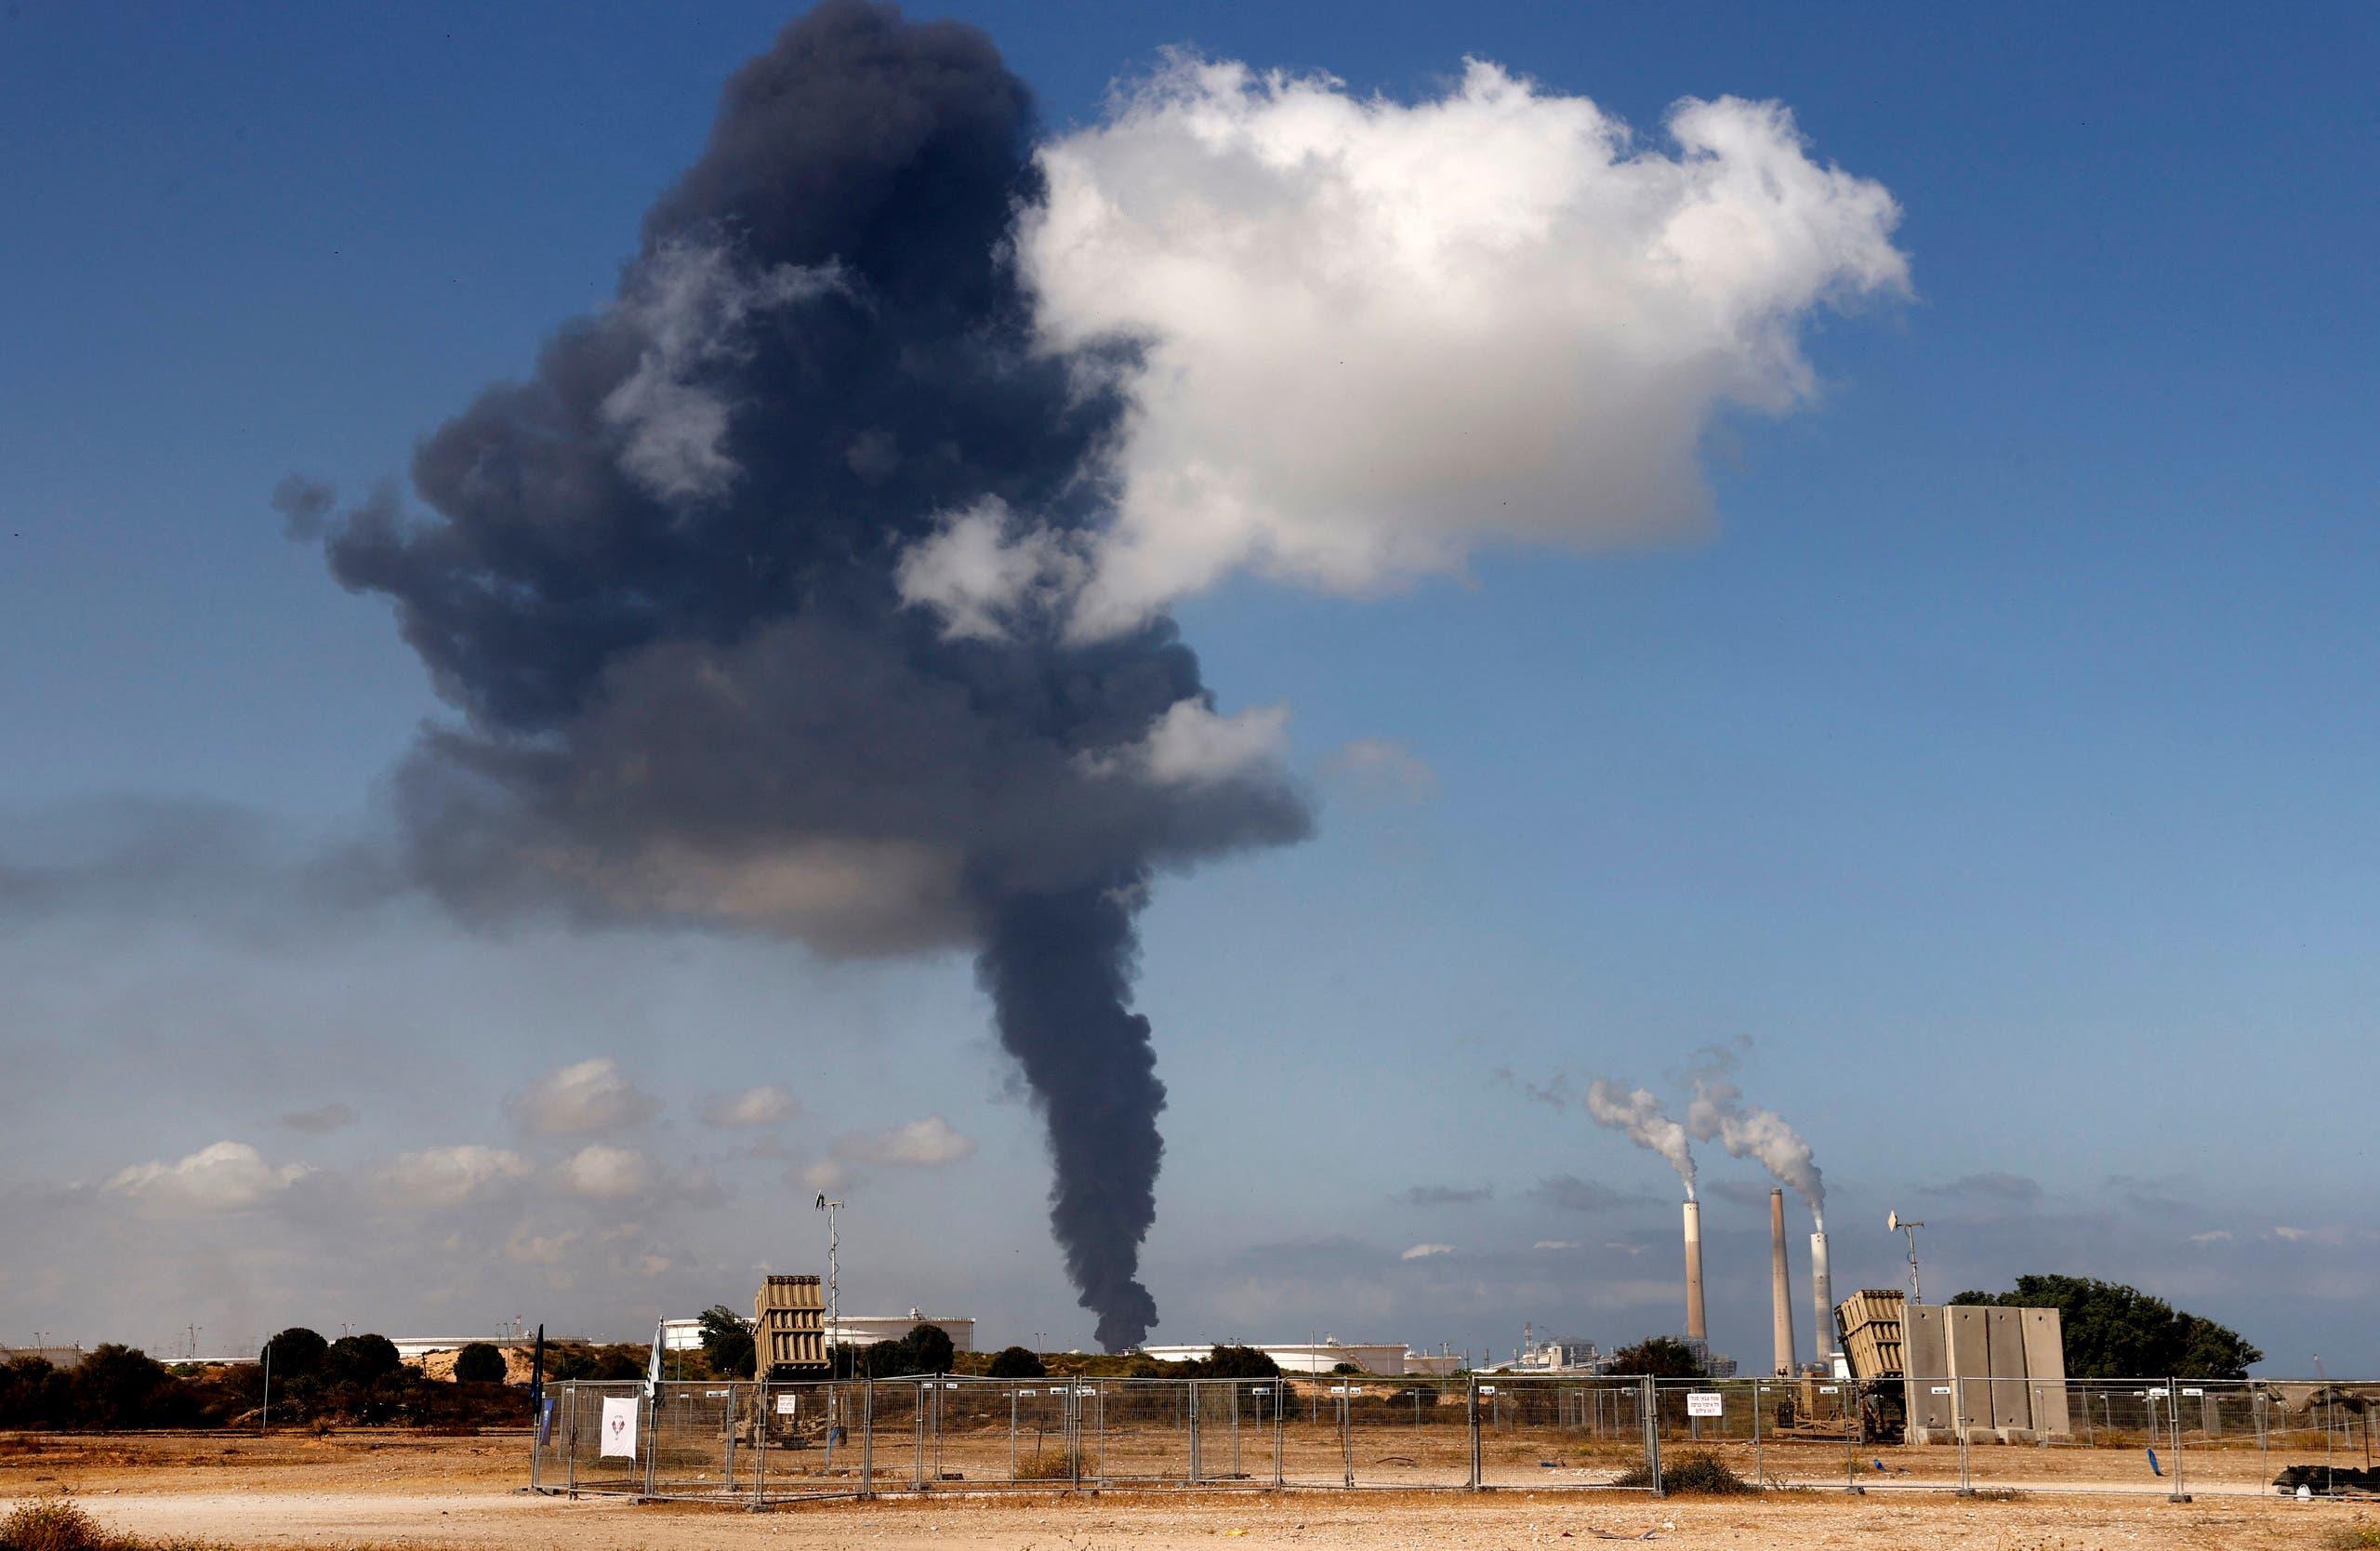 دخان يتصاعد من منشأة نفطية في إسرائيل بعد استهدافها من قبل حماس